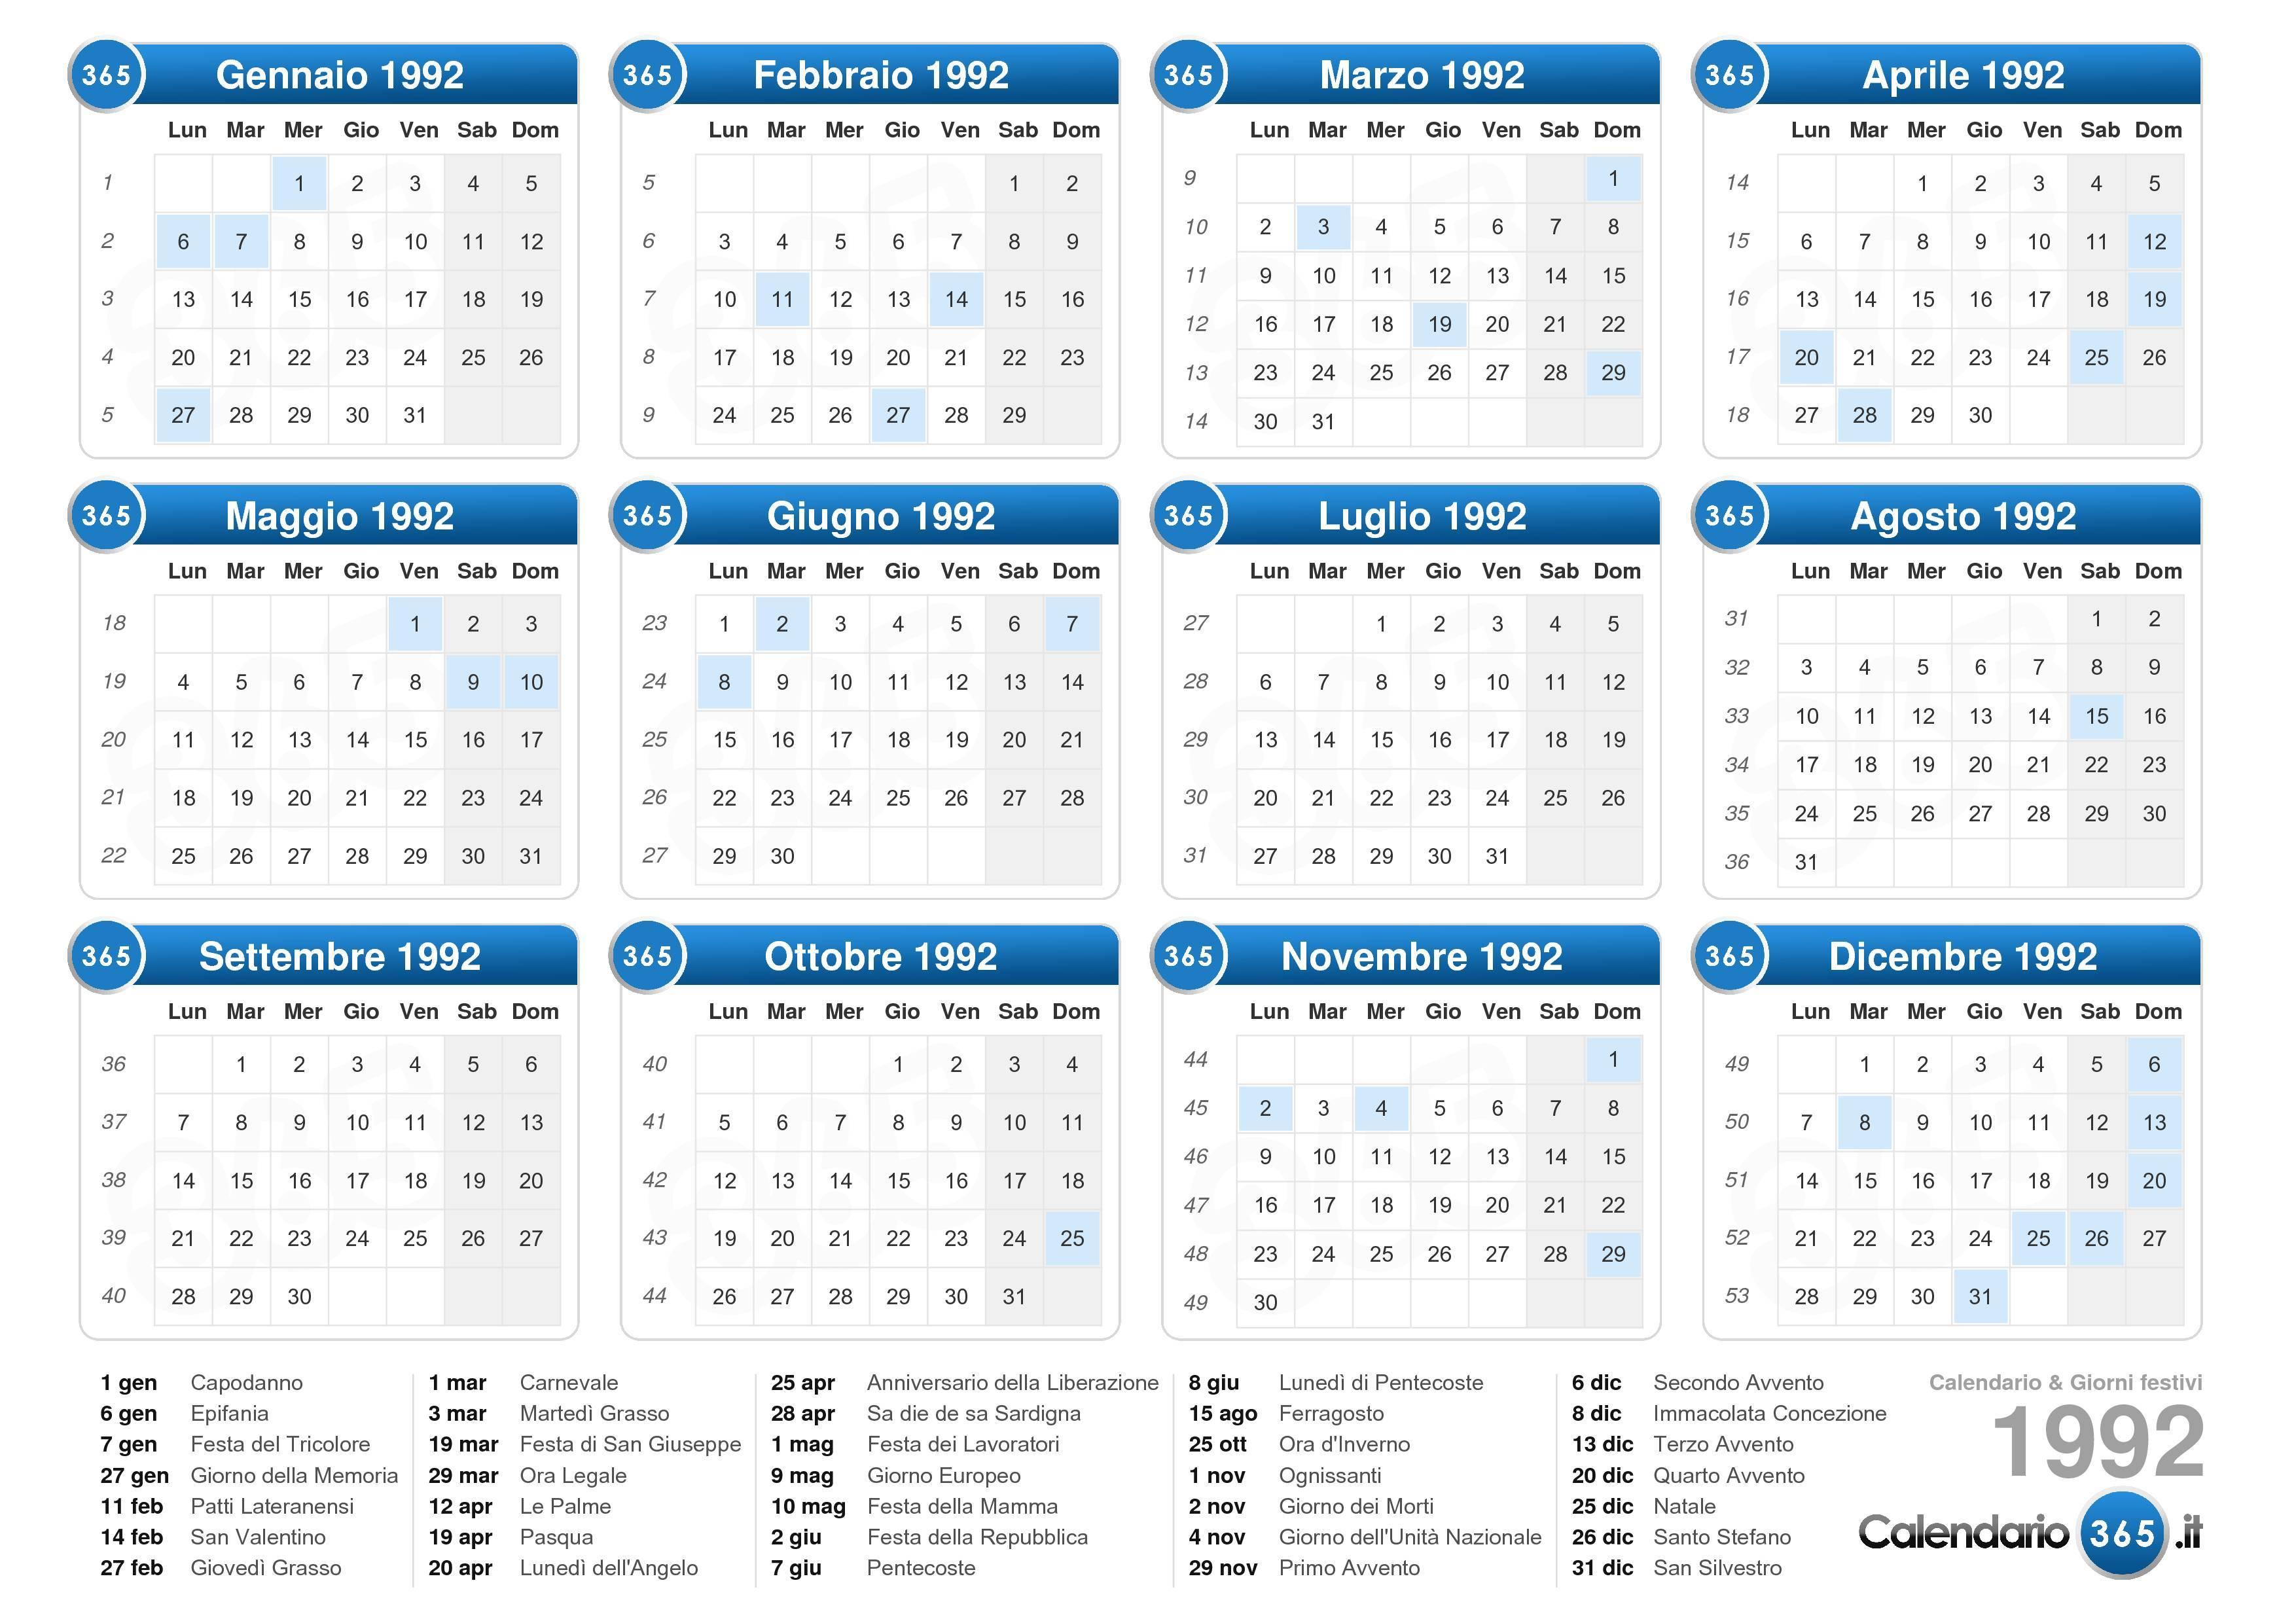 Calendario Anno 1992.Calendario 1992